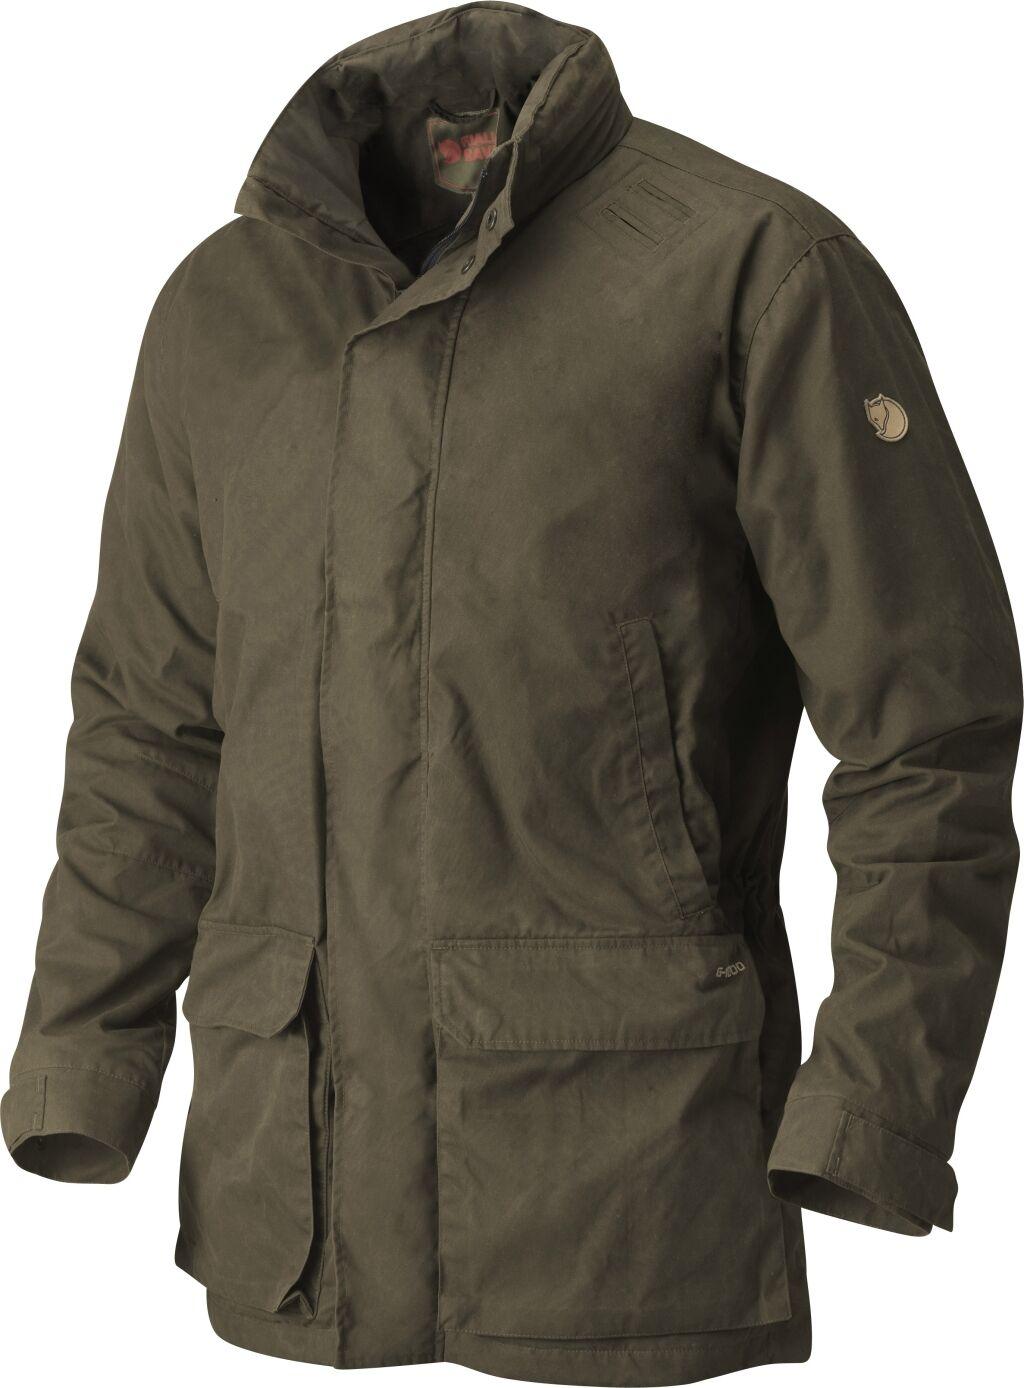 Fjällräven Björn Jacket 90311 Dark verde oliva g-1000 hydratic Forest caza chaqueta